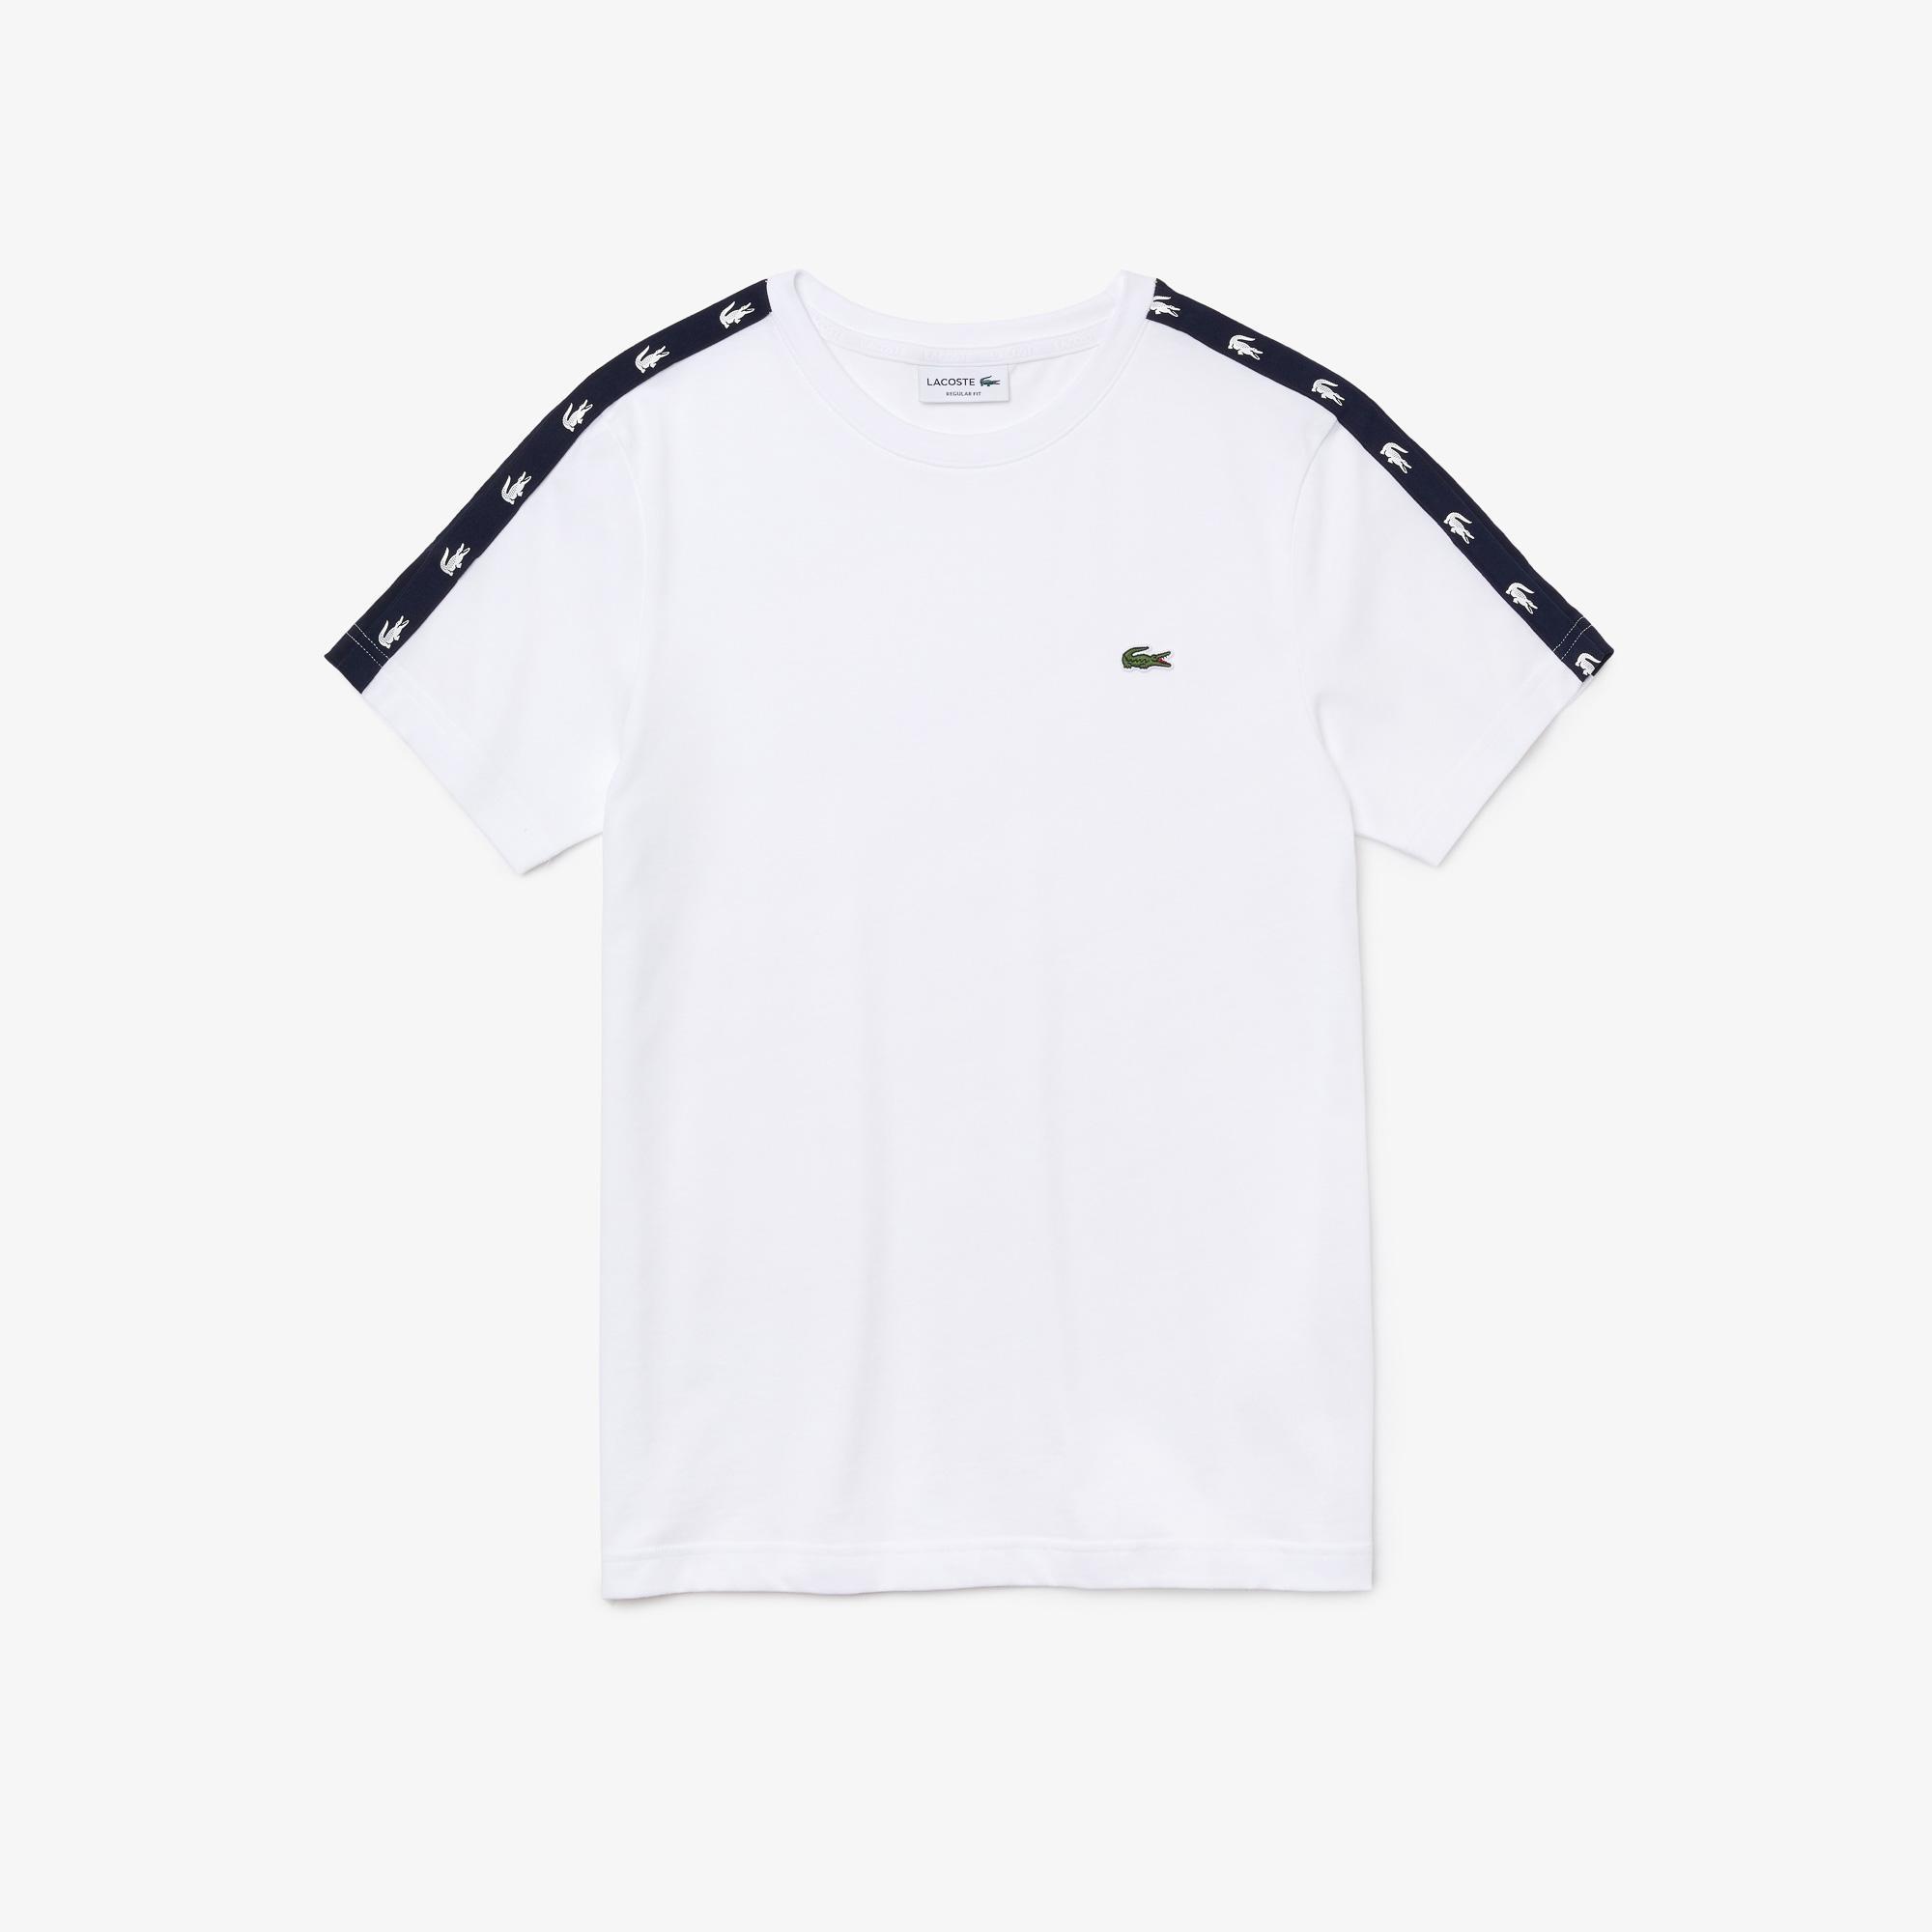 Lacoste Men?s Crew Neck Crocodile Bands Cotton Blend T-shirt